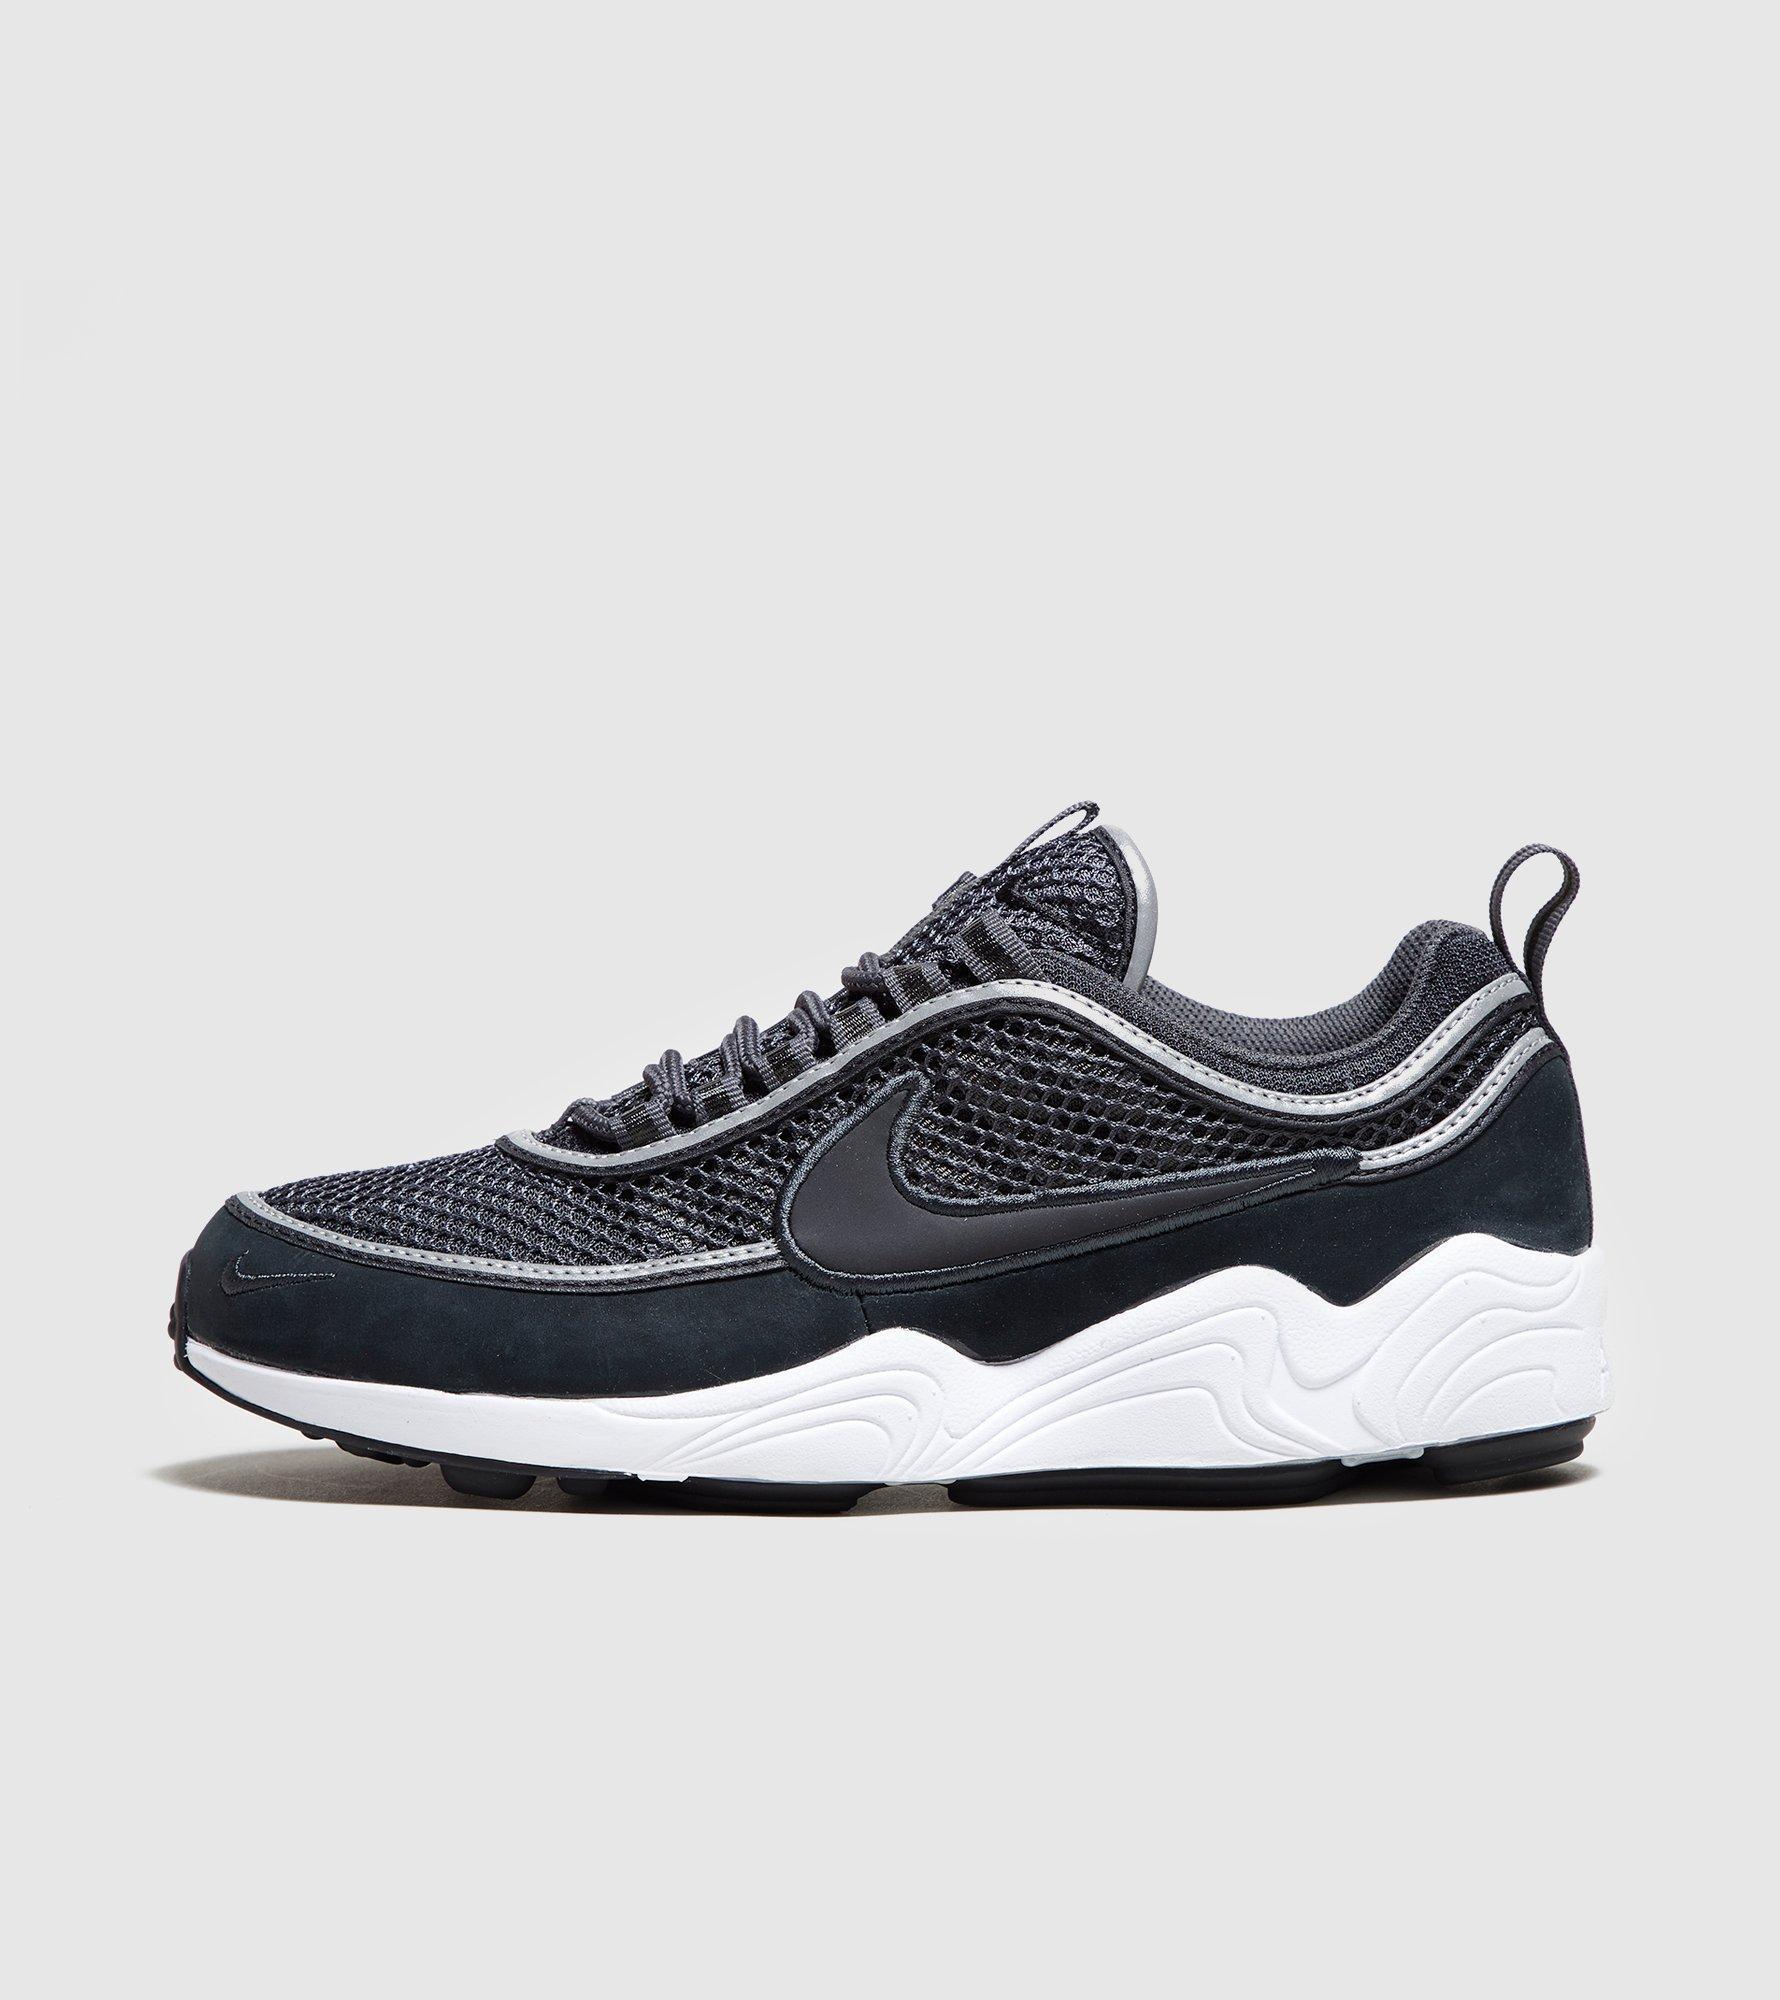 d9451f76af52c Lyst - Nike Air Zoom Spiridon  16 Se Women s in Black for Men